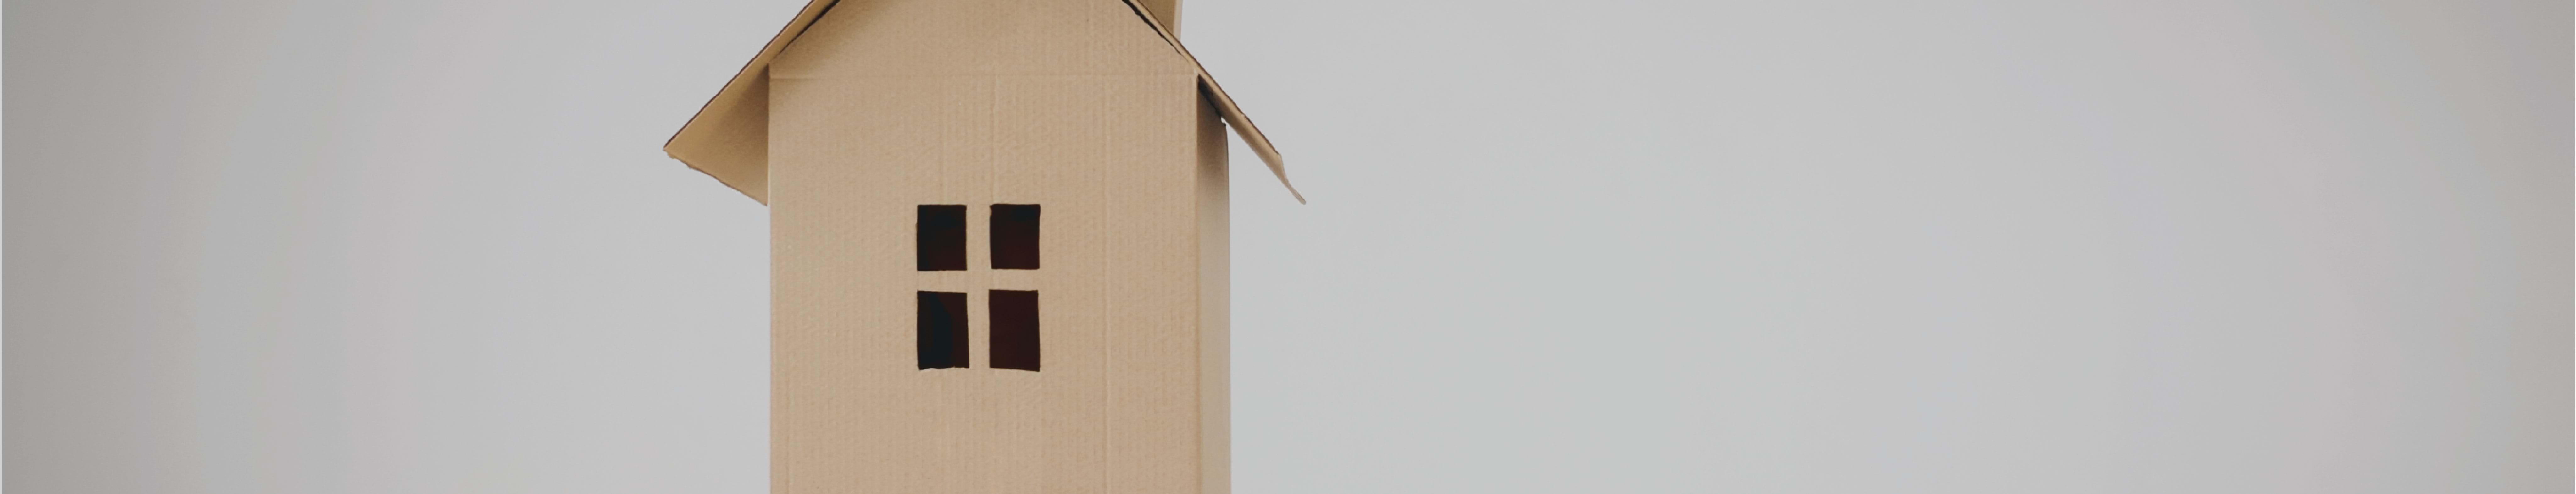 Les obligations du propri taire bailleur - Obligation du proprietaire envers le locataire ...